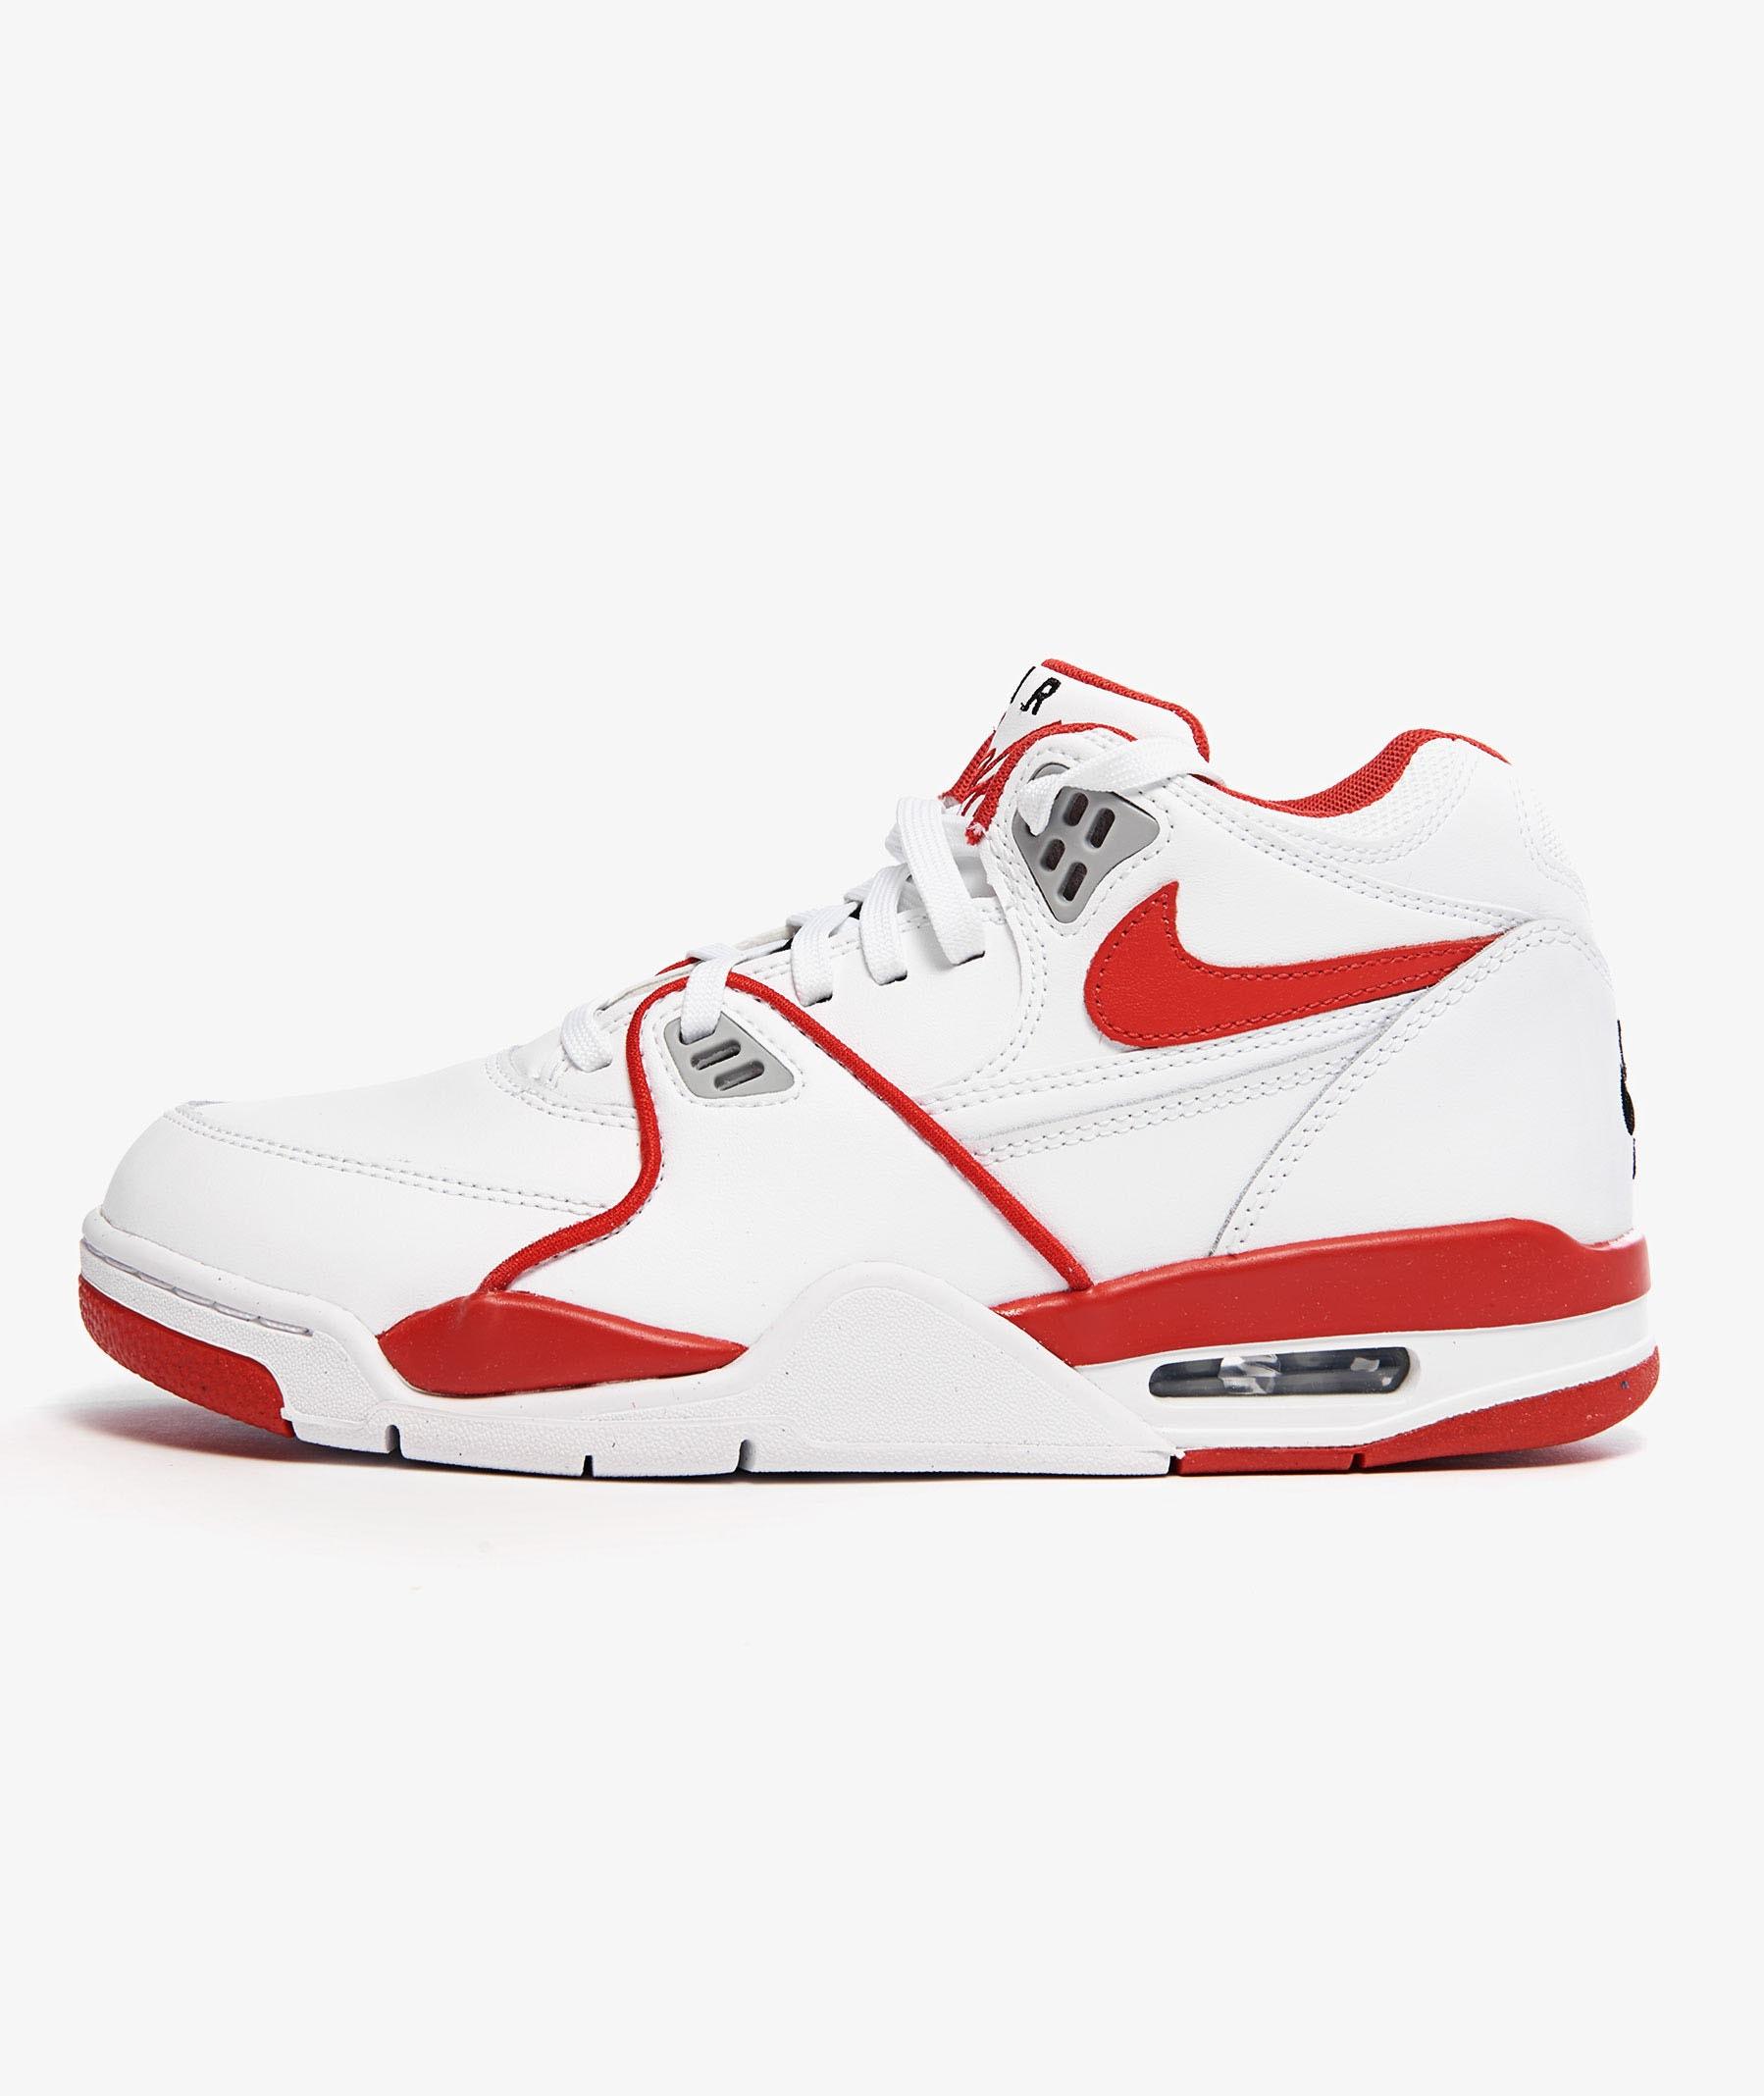 נעליים נייק לגברים Nike AIR FLIGHT - לבן/אדום